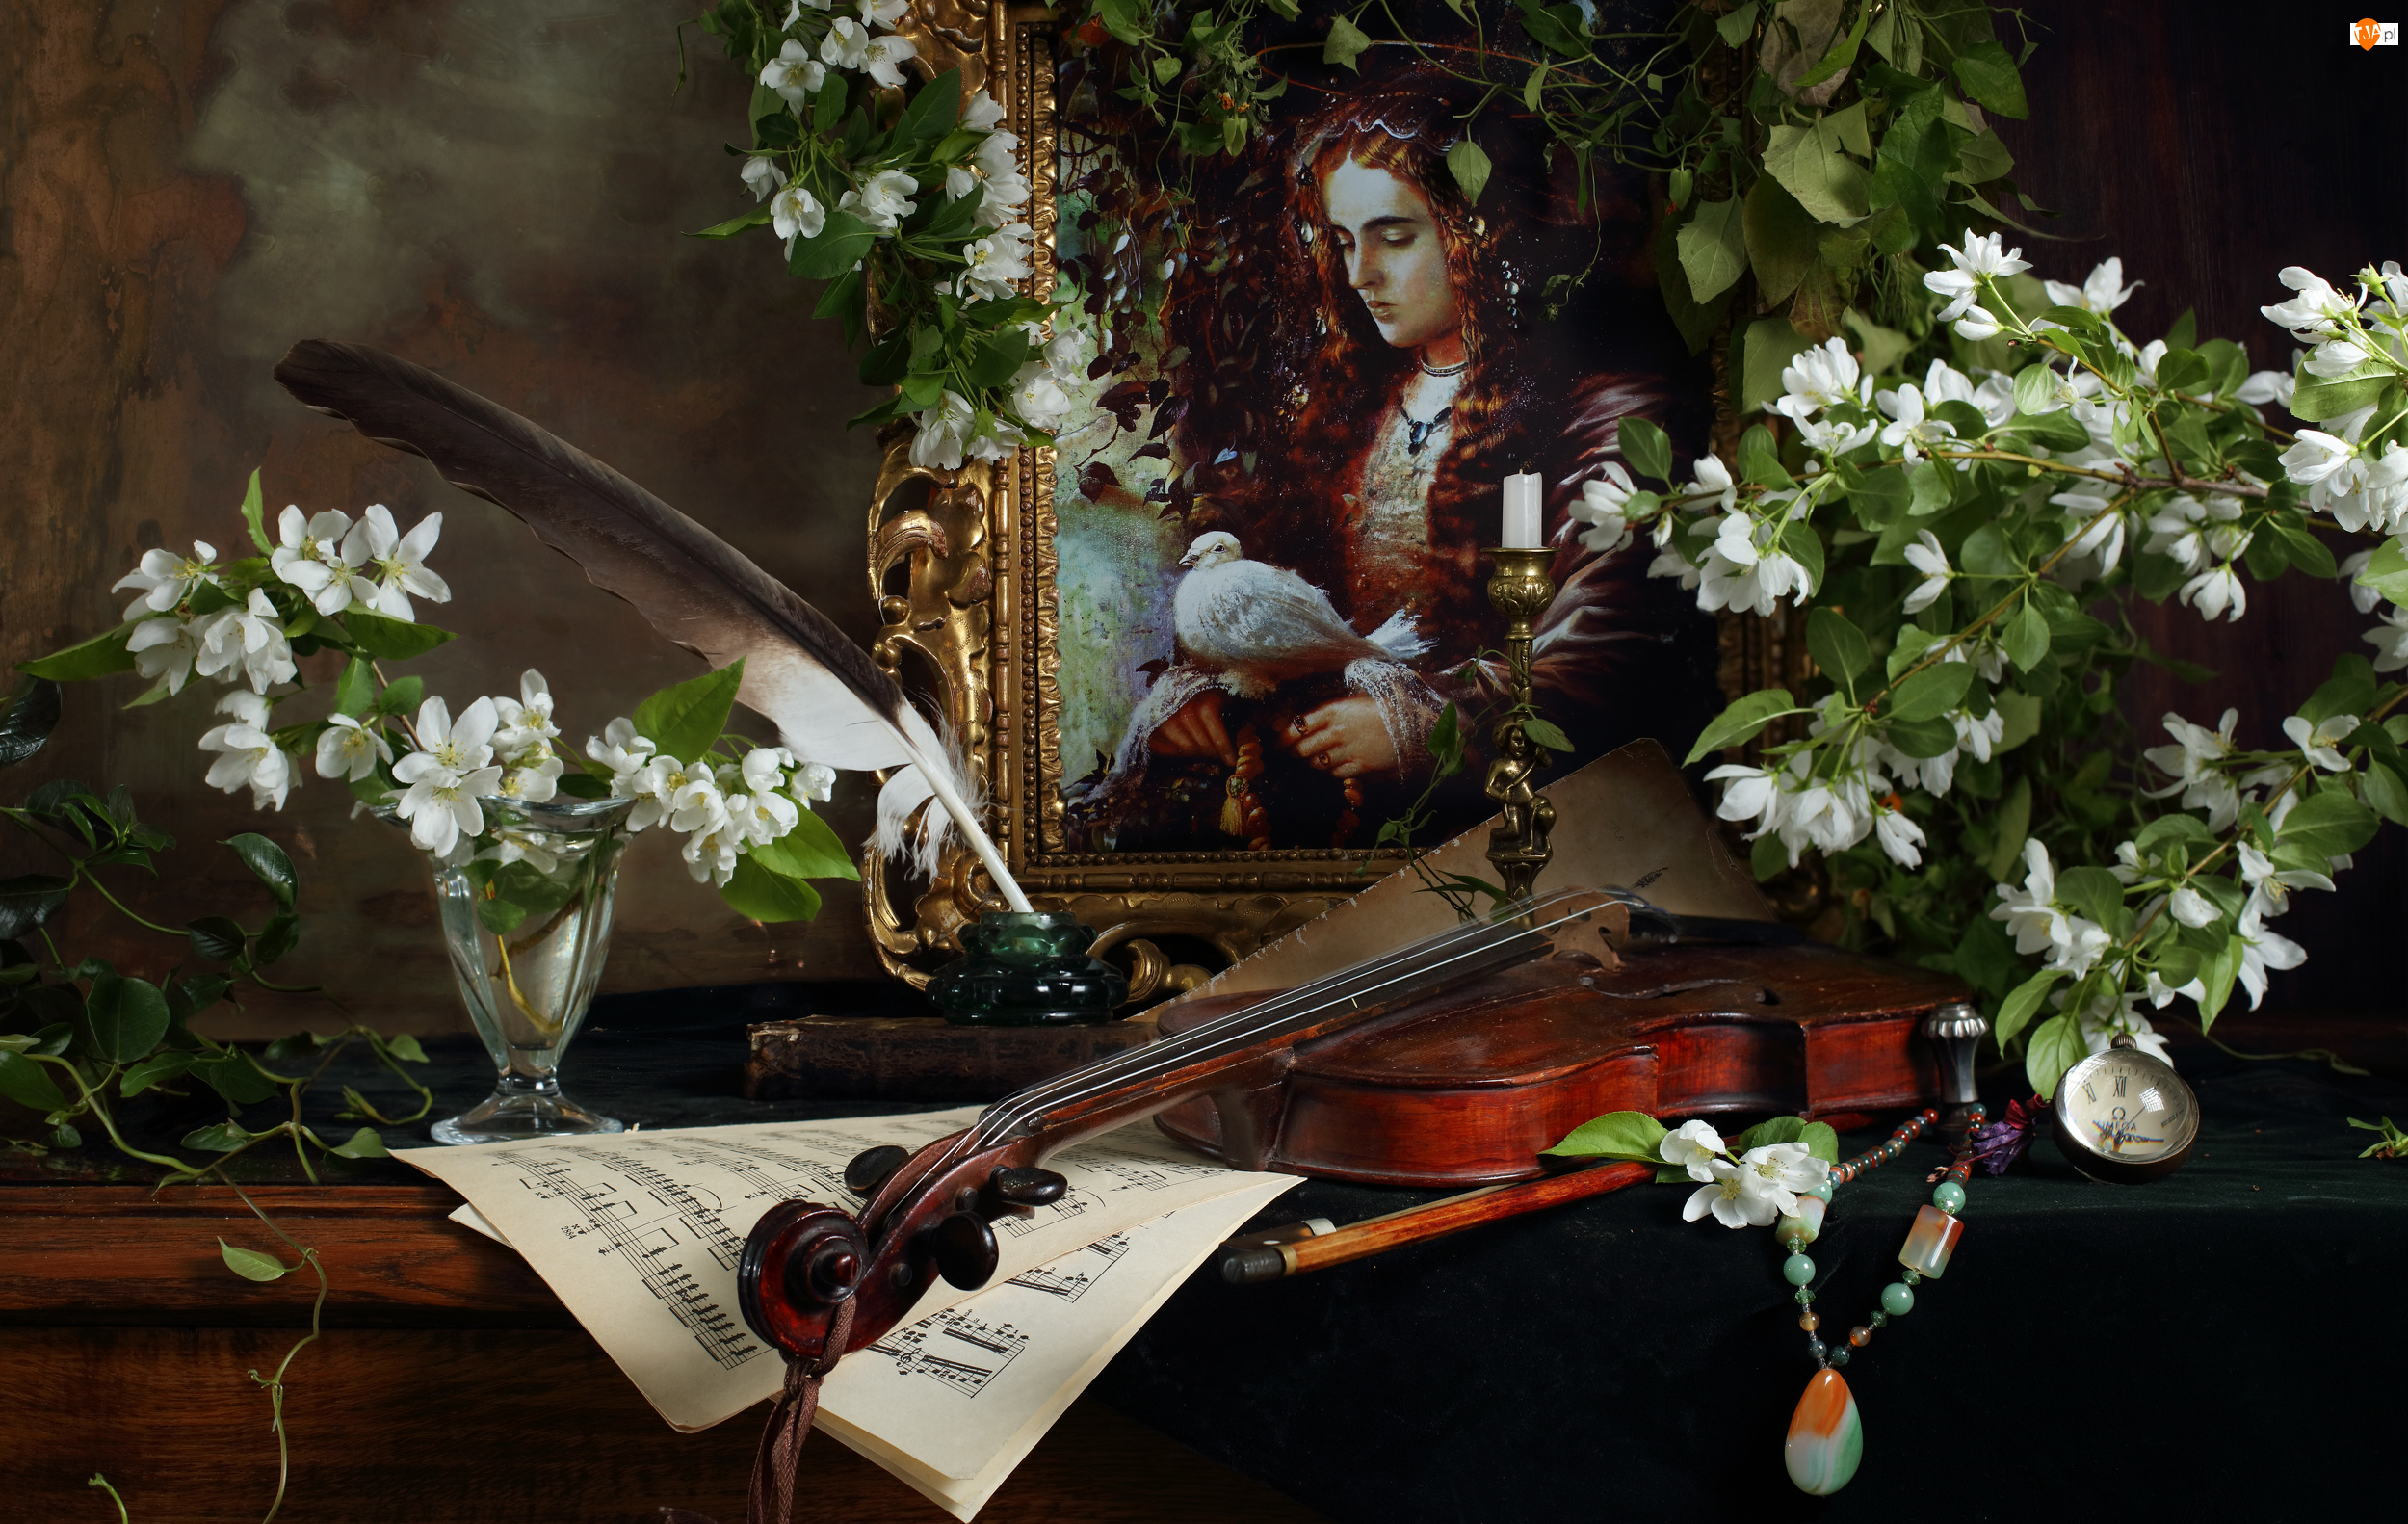 Skrzypce, Kompozycja, Obraz, Kwiaty, Nuty